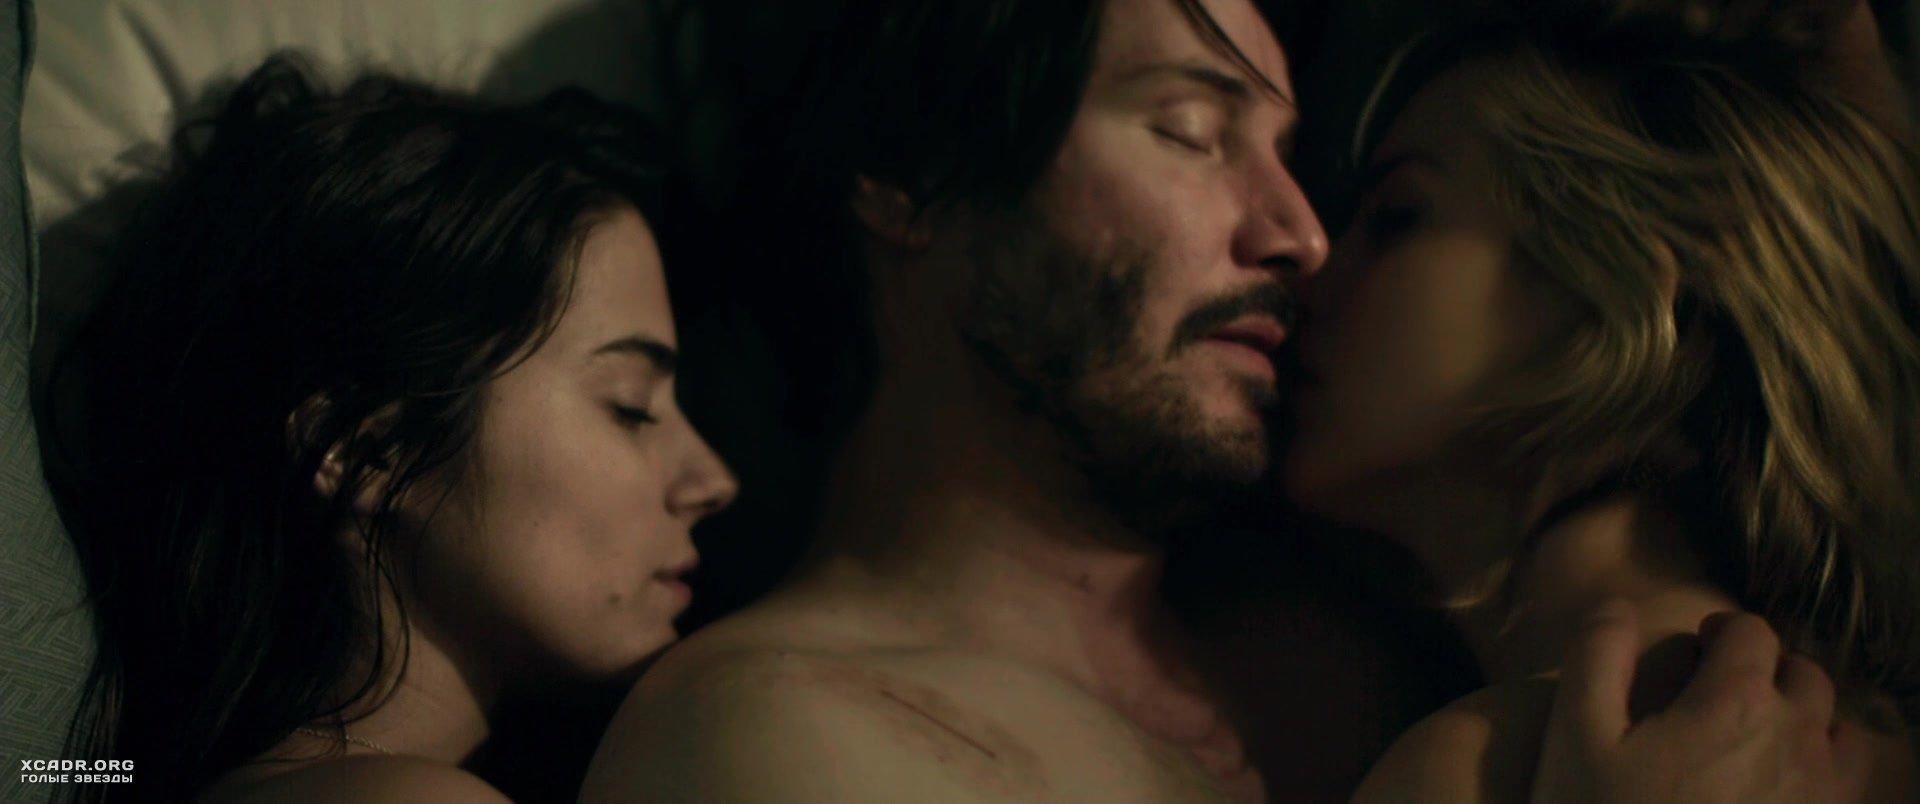 Кино сцены орального секса смотреть, домаш рус порно мжм и садо